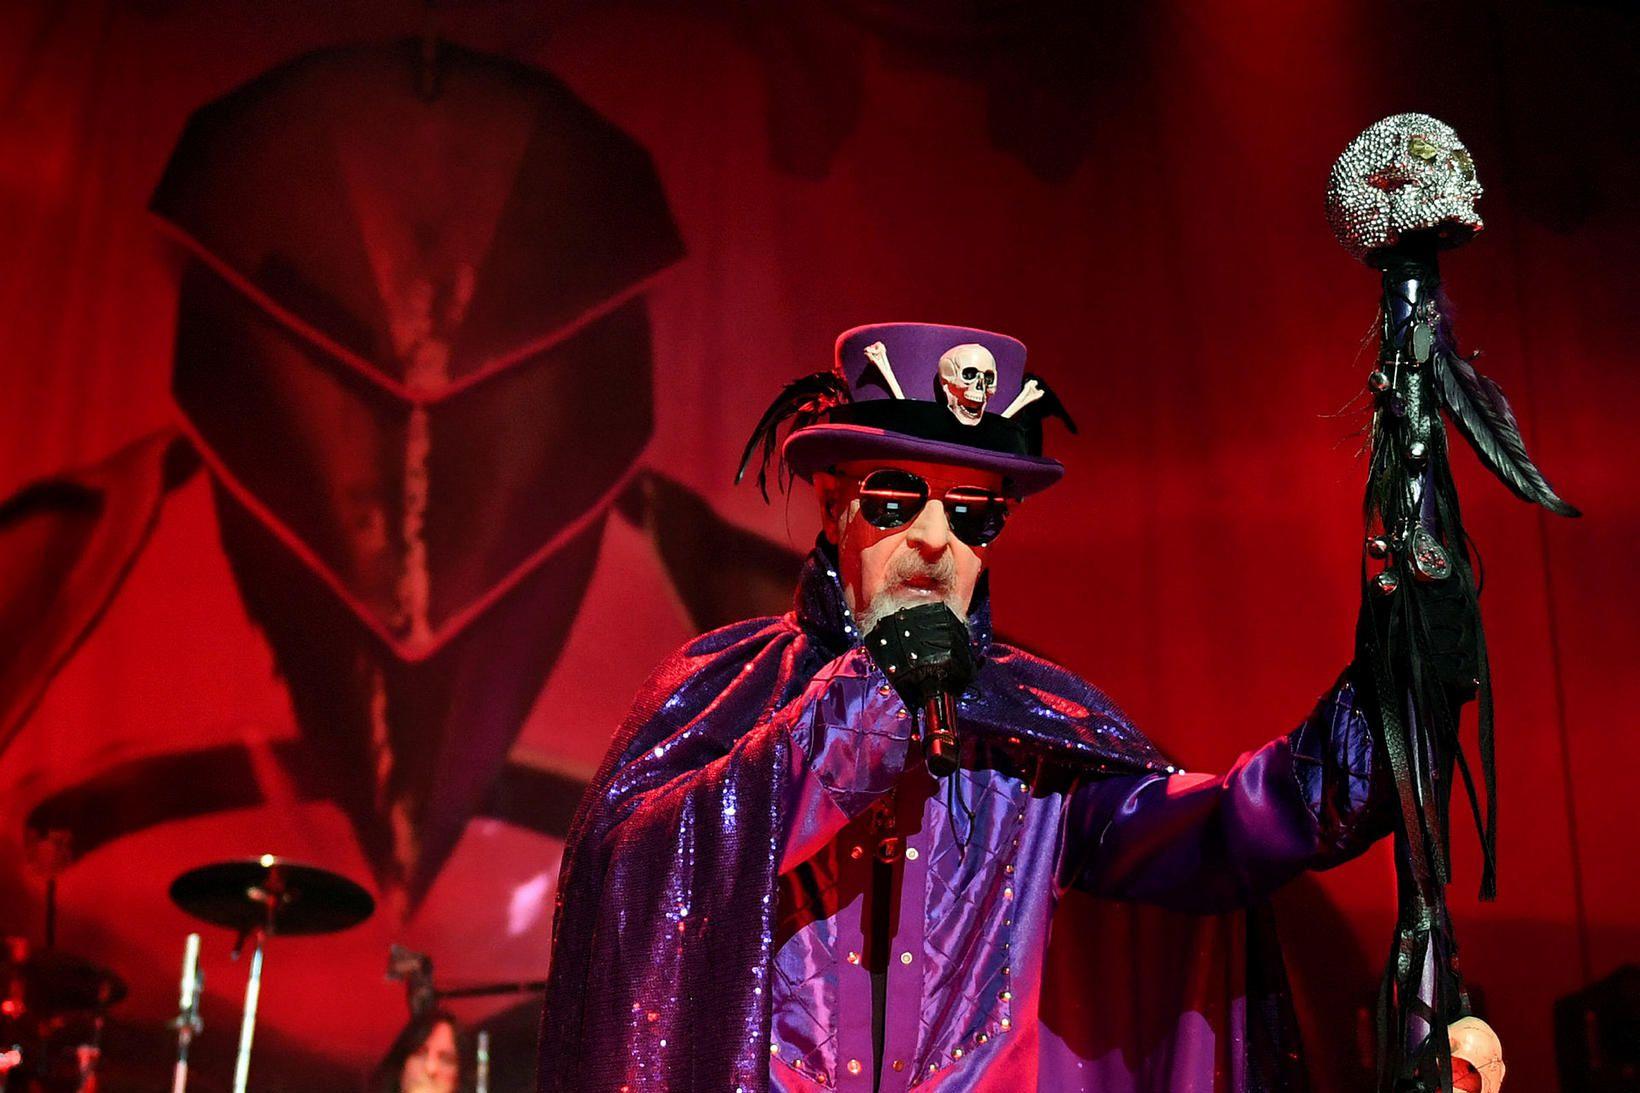 Rob Halford, söngvari Judas Priest, verður sjötugur í næsta mánuði.